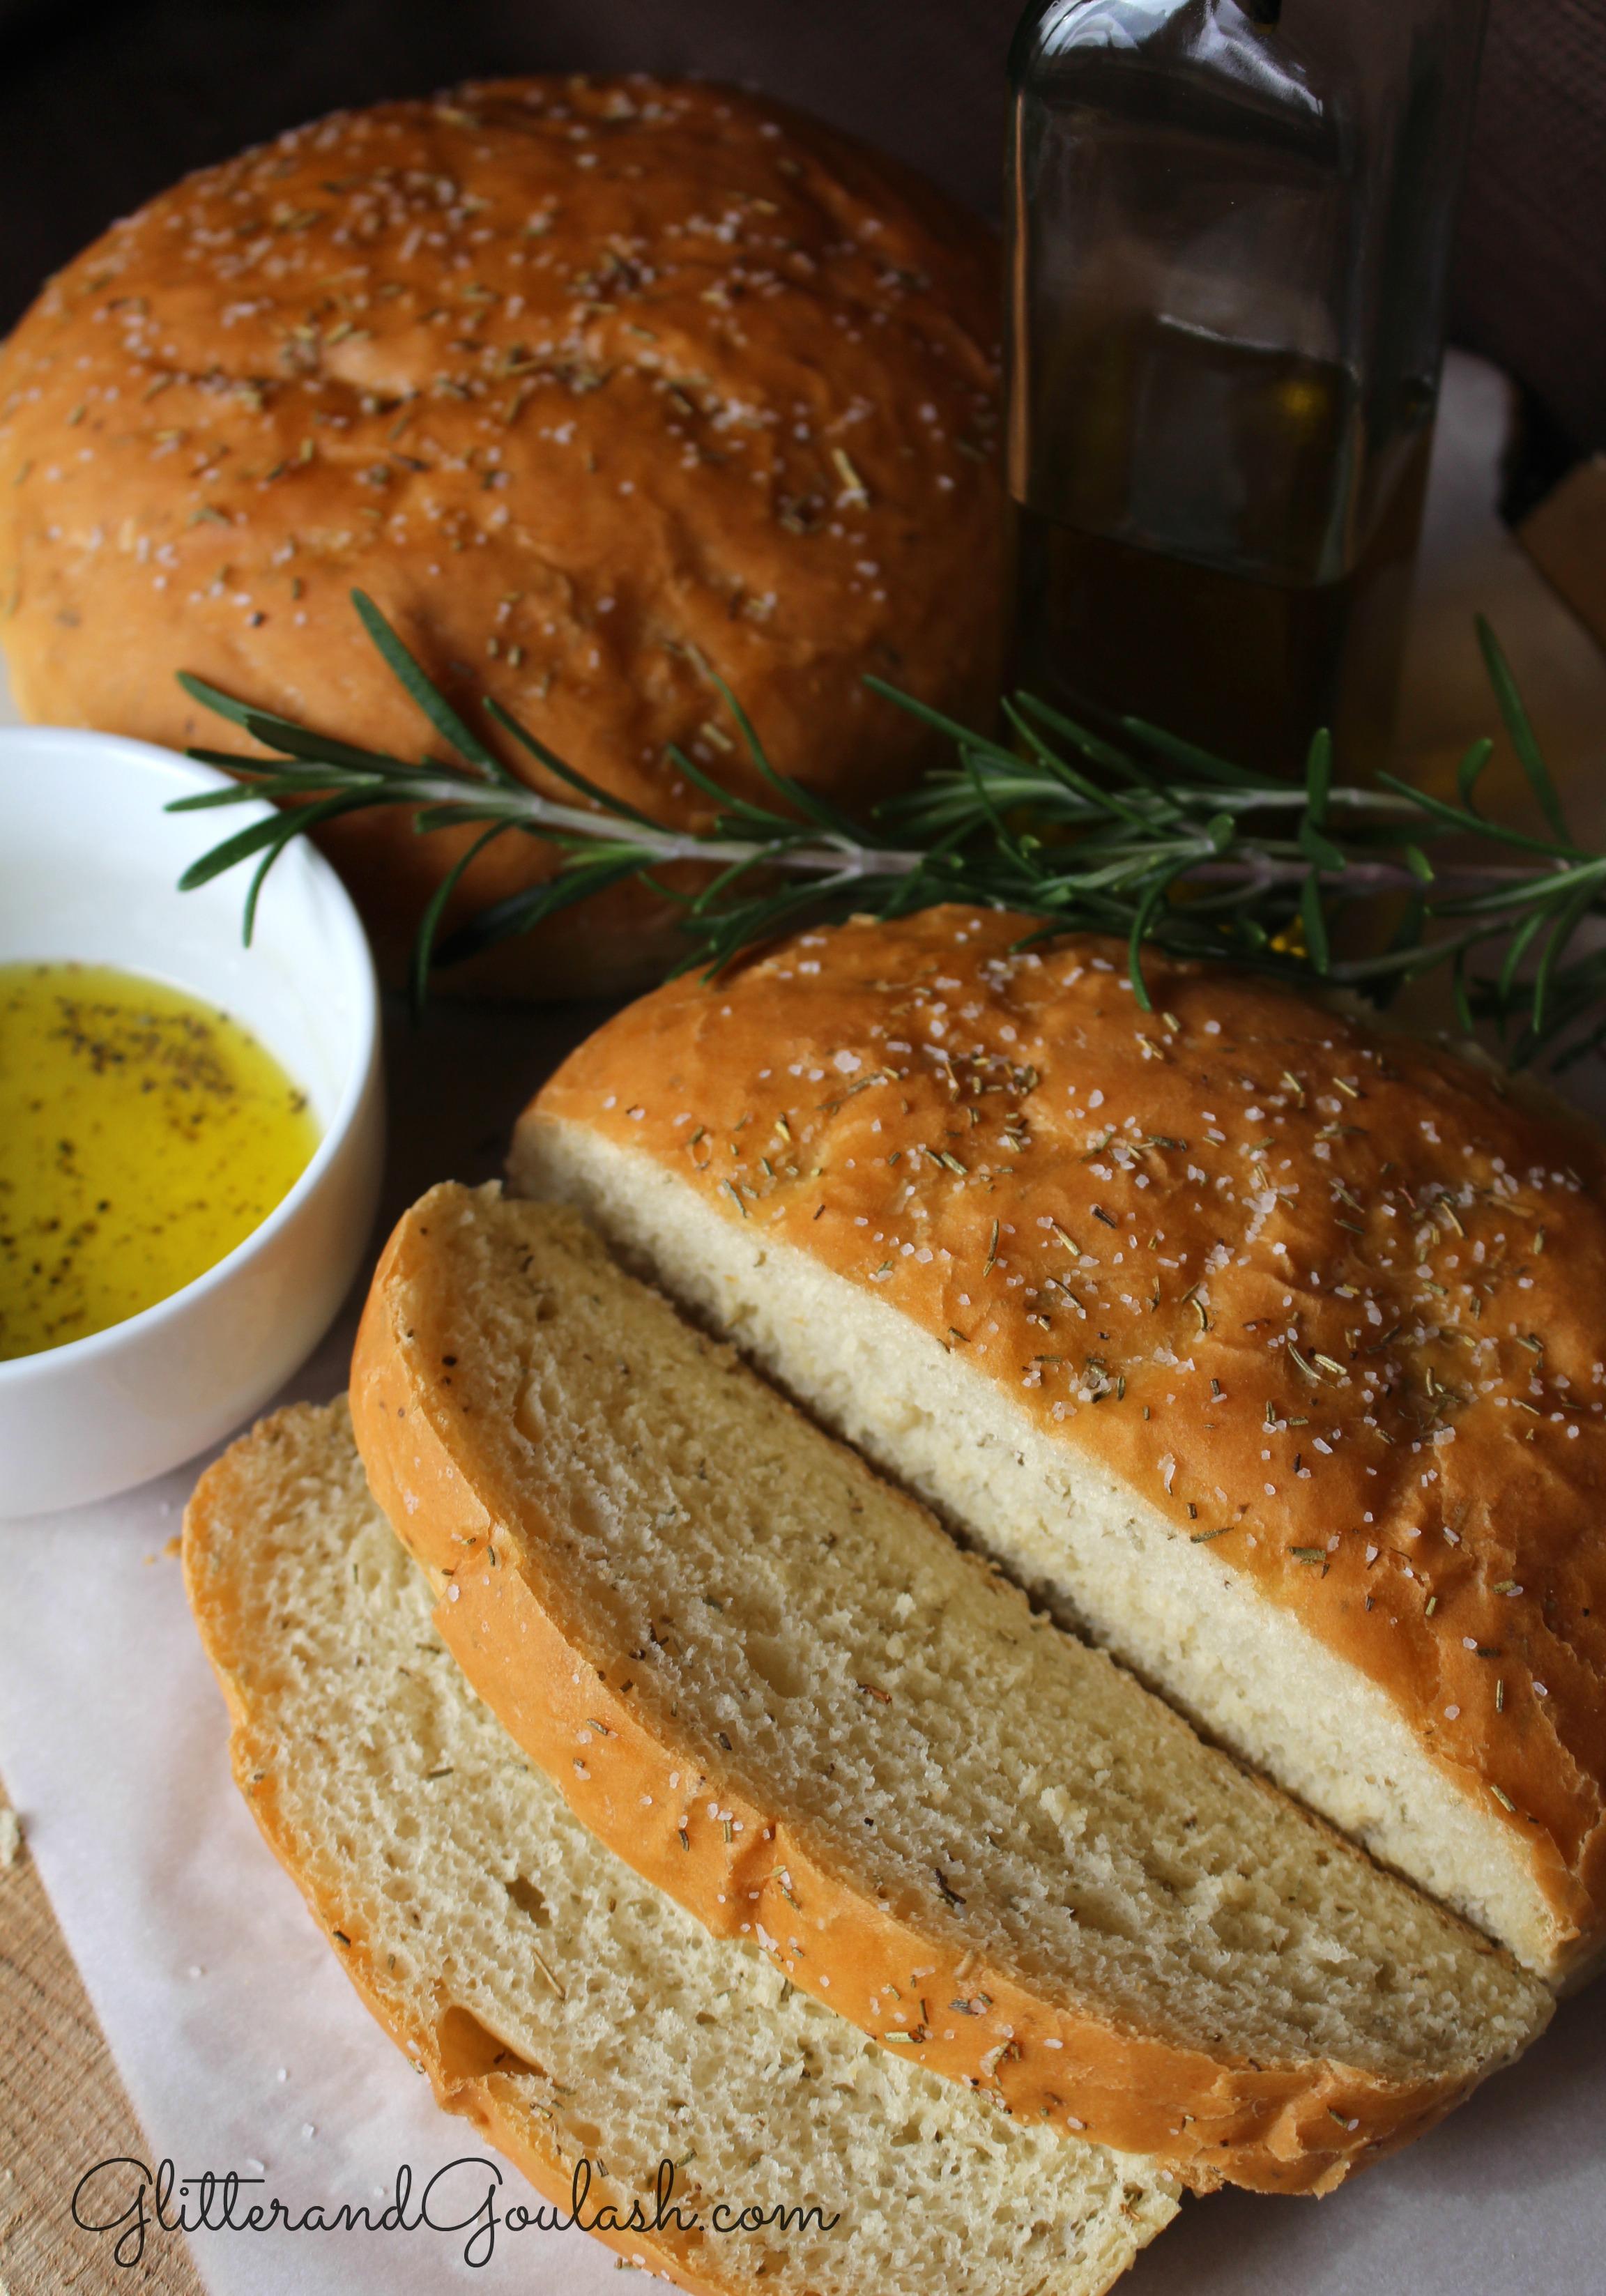 Rosemary Bread Romano S Macaroni Grill Copycat Recipe Glitter And Goulash